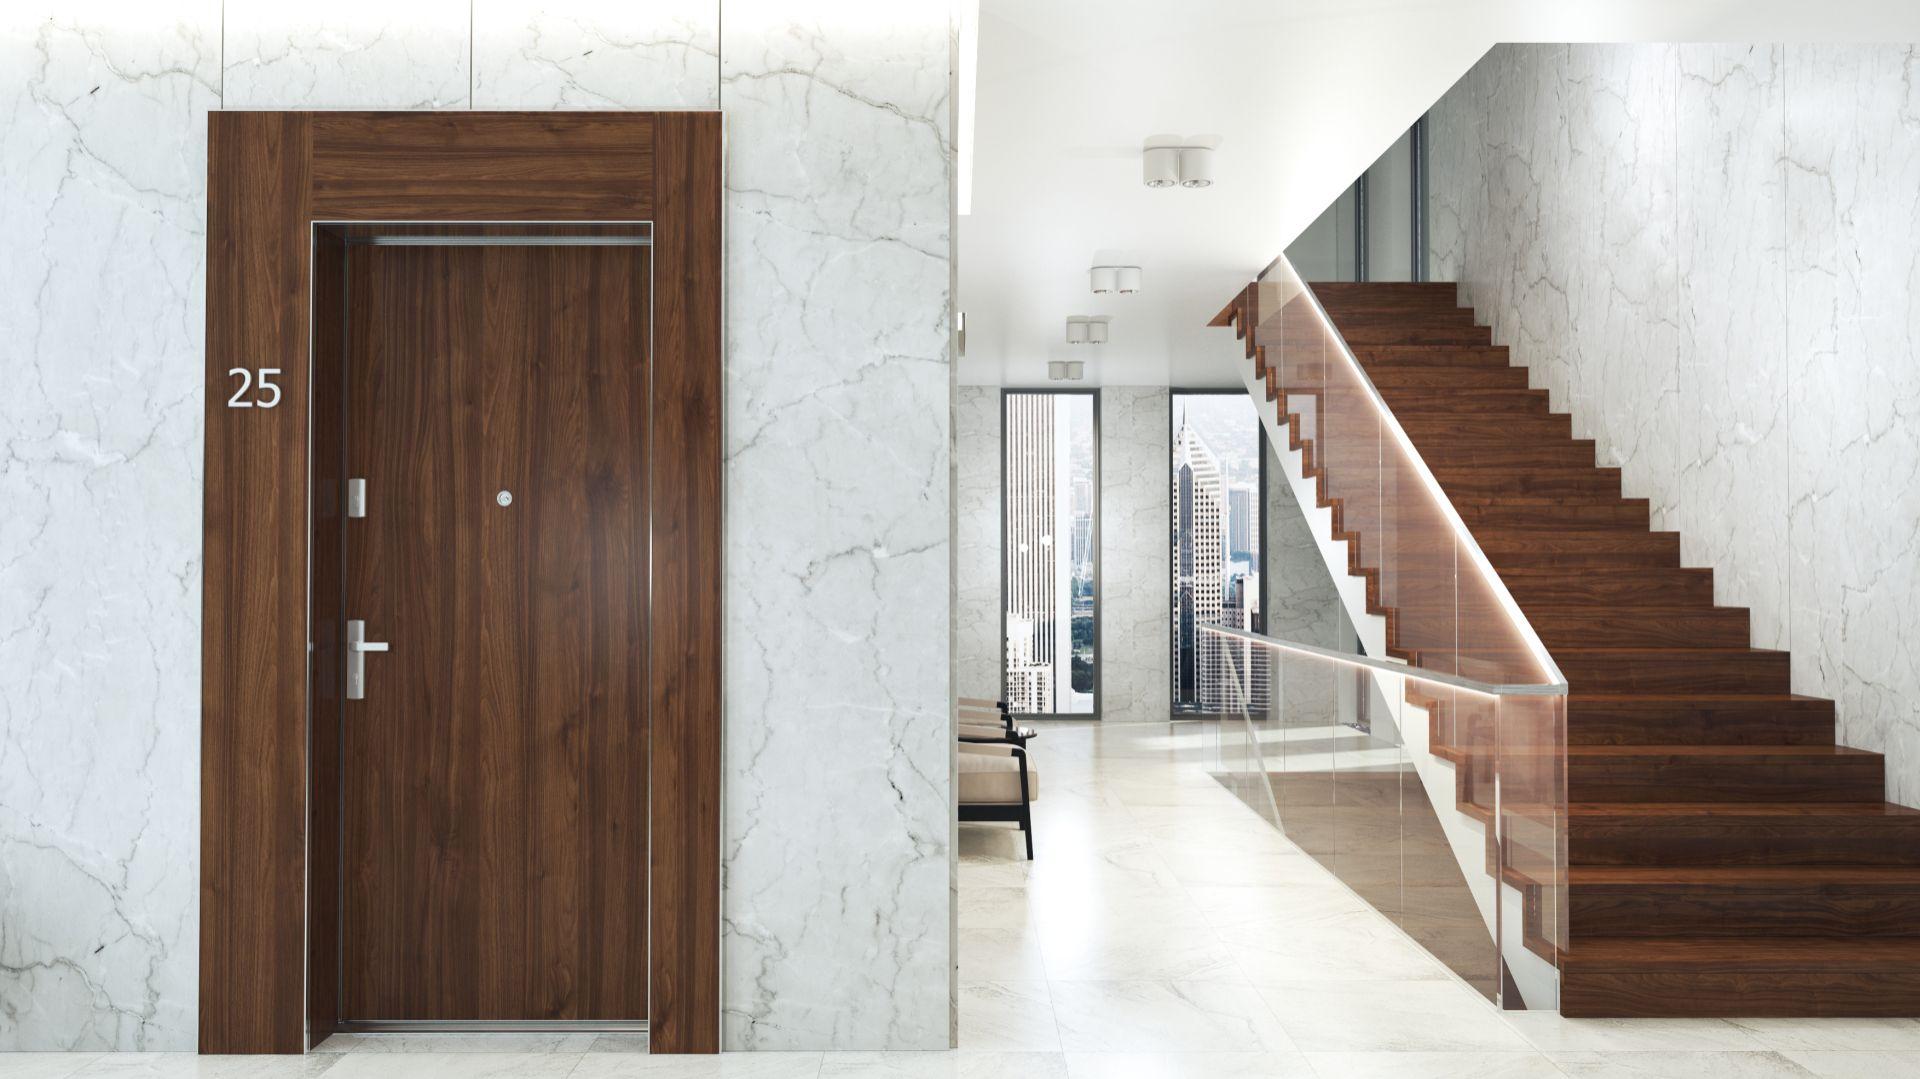 Drzwi wejściowe Gradara, kolekcja ELEGANCE/Entra. Produkt zgłoszony do konkursu Dobry Design 2018.